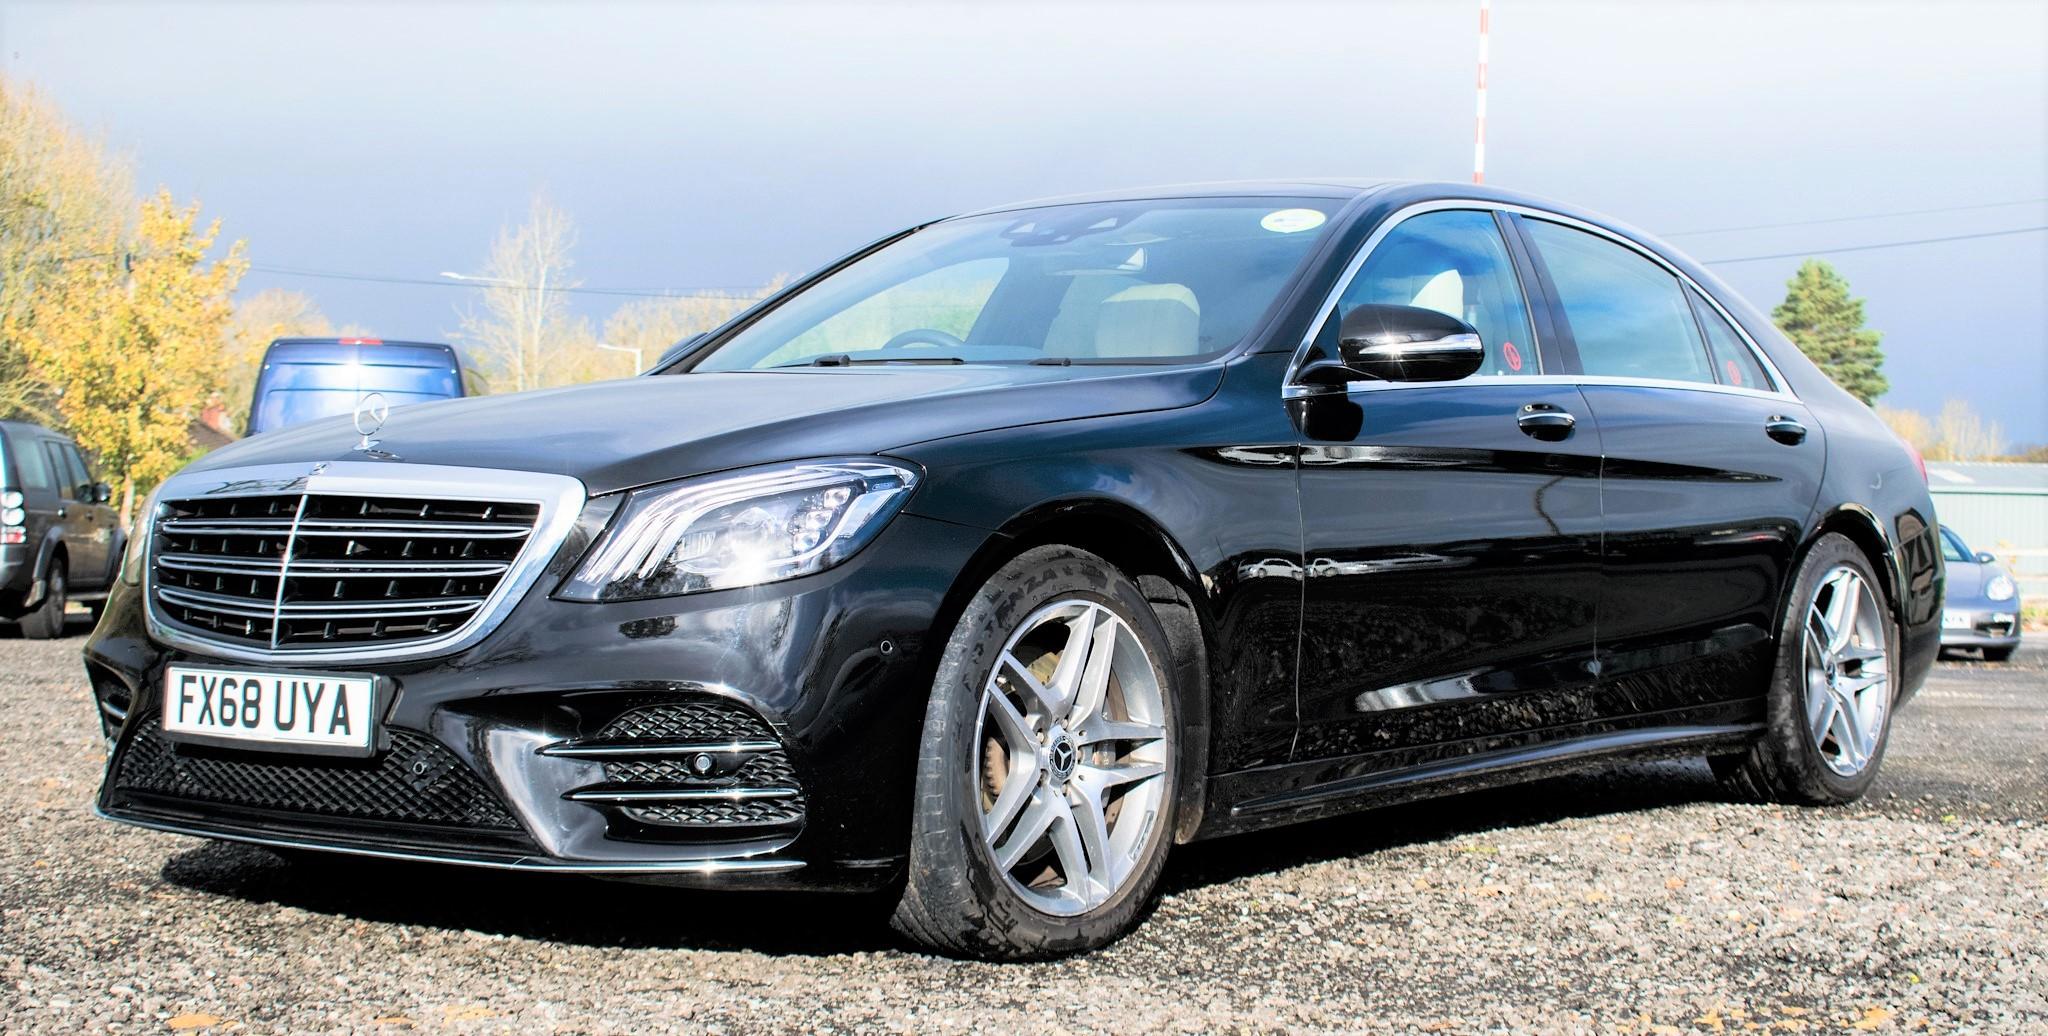 Mercedes Benz S450 L AMG Line Executive auto petrol 4 door saloon car Registration Number: FX68